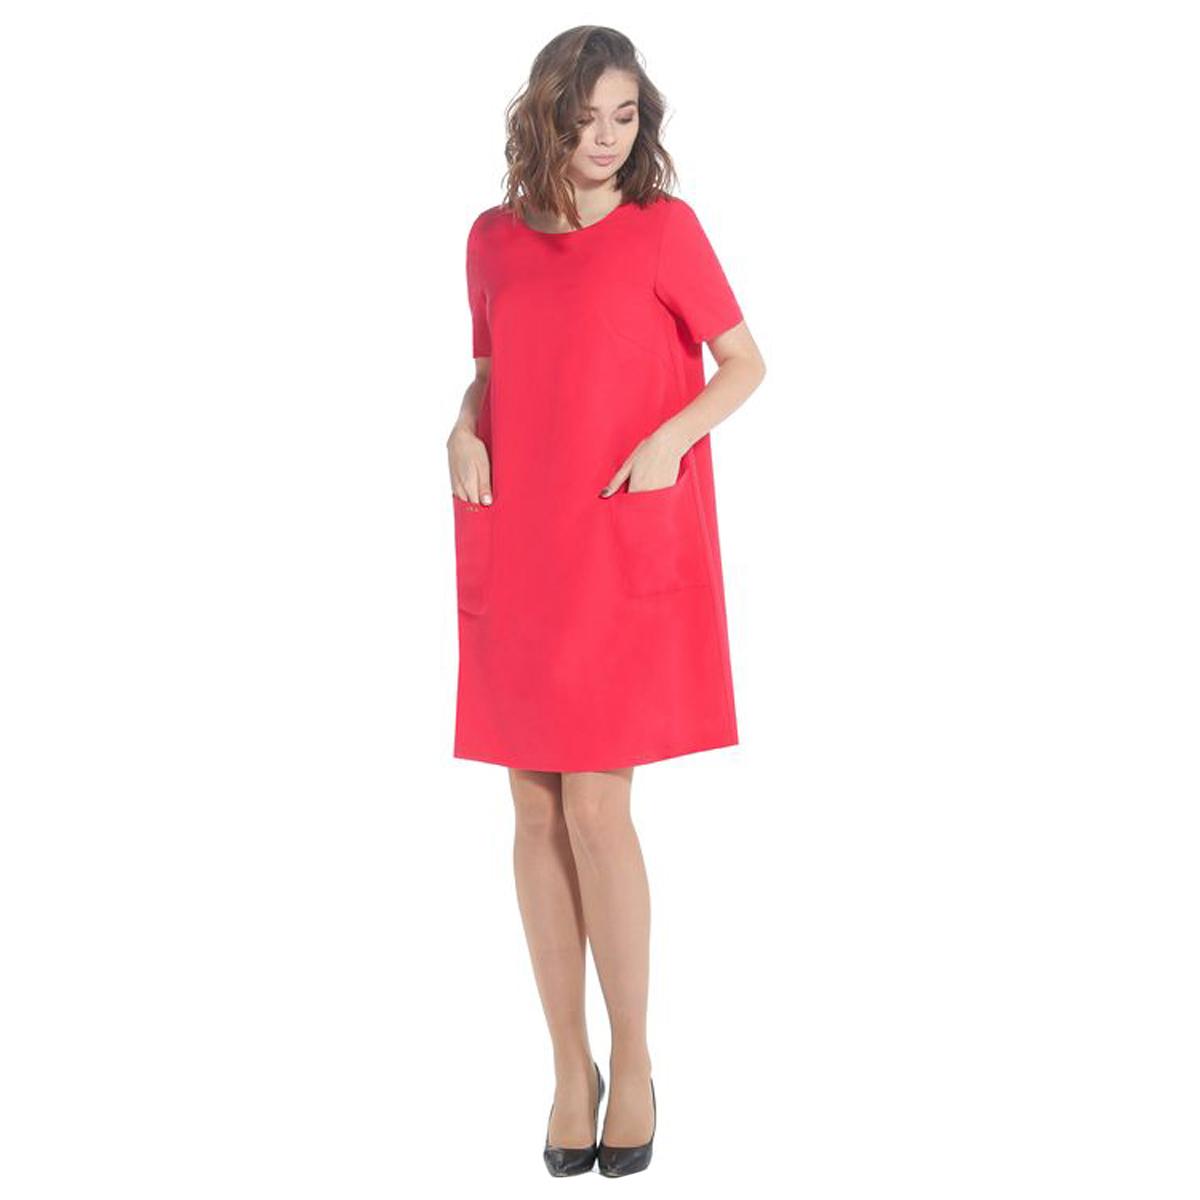 Платье KISLIS, 8062 УС kislis 5110